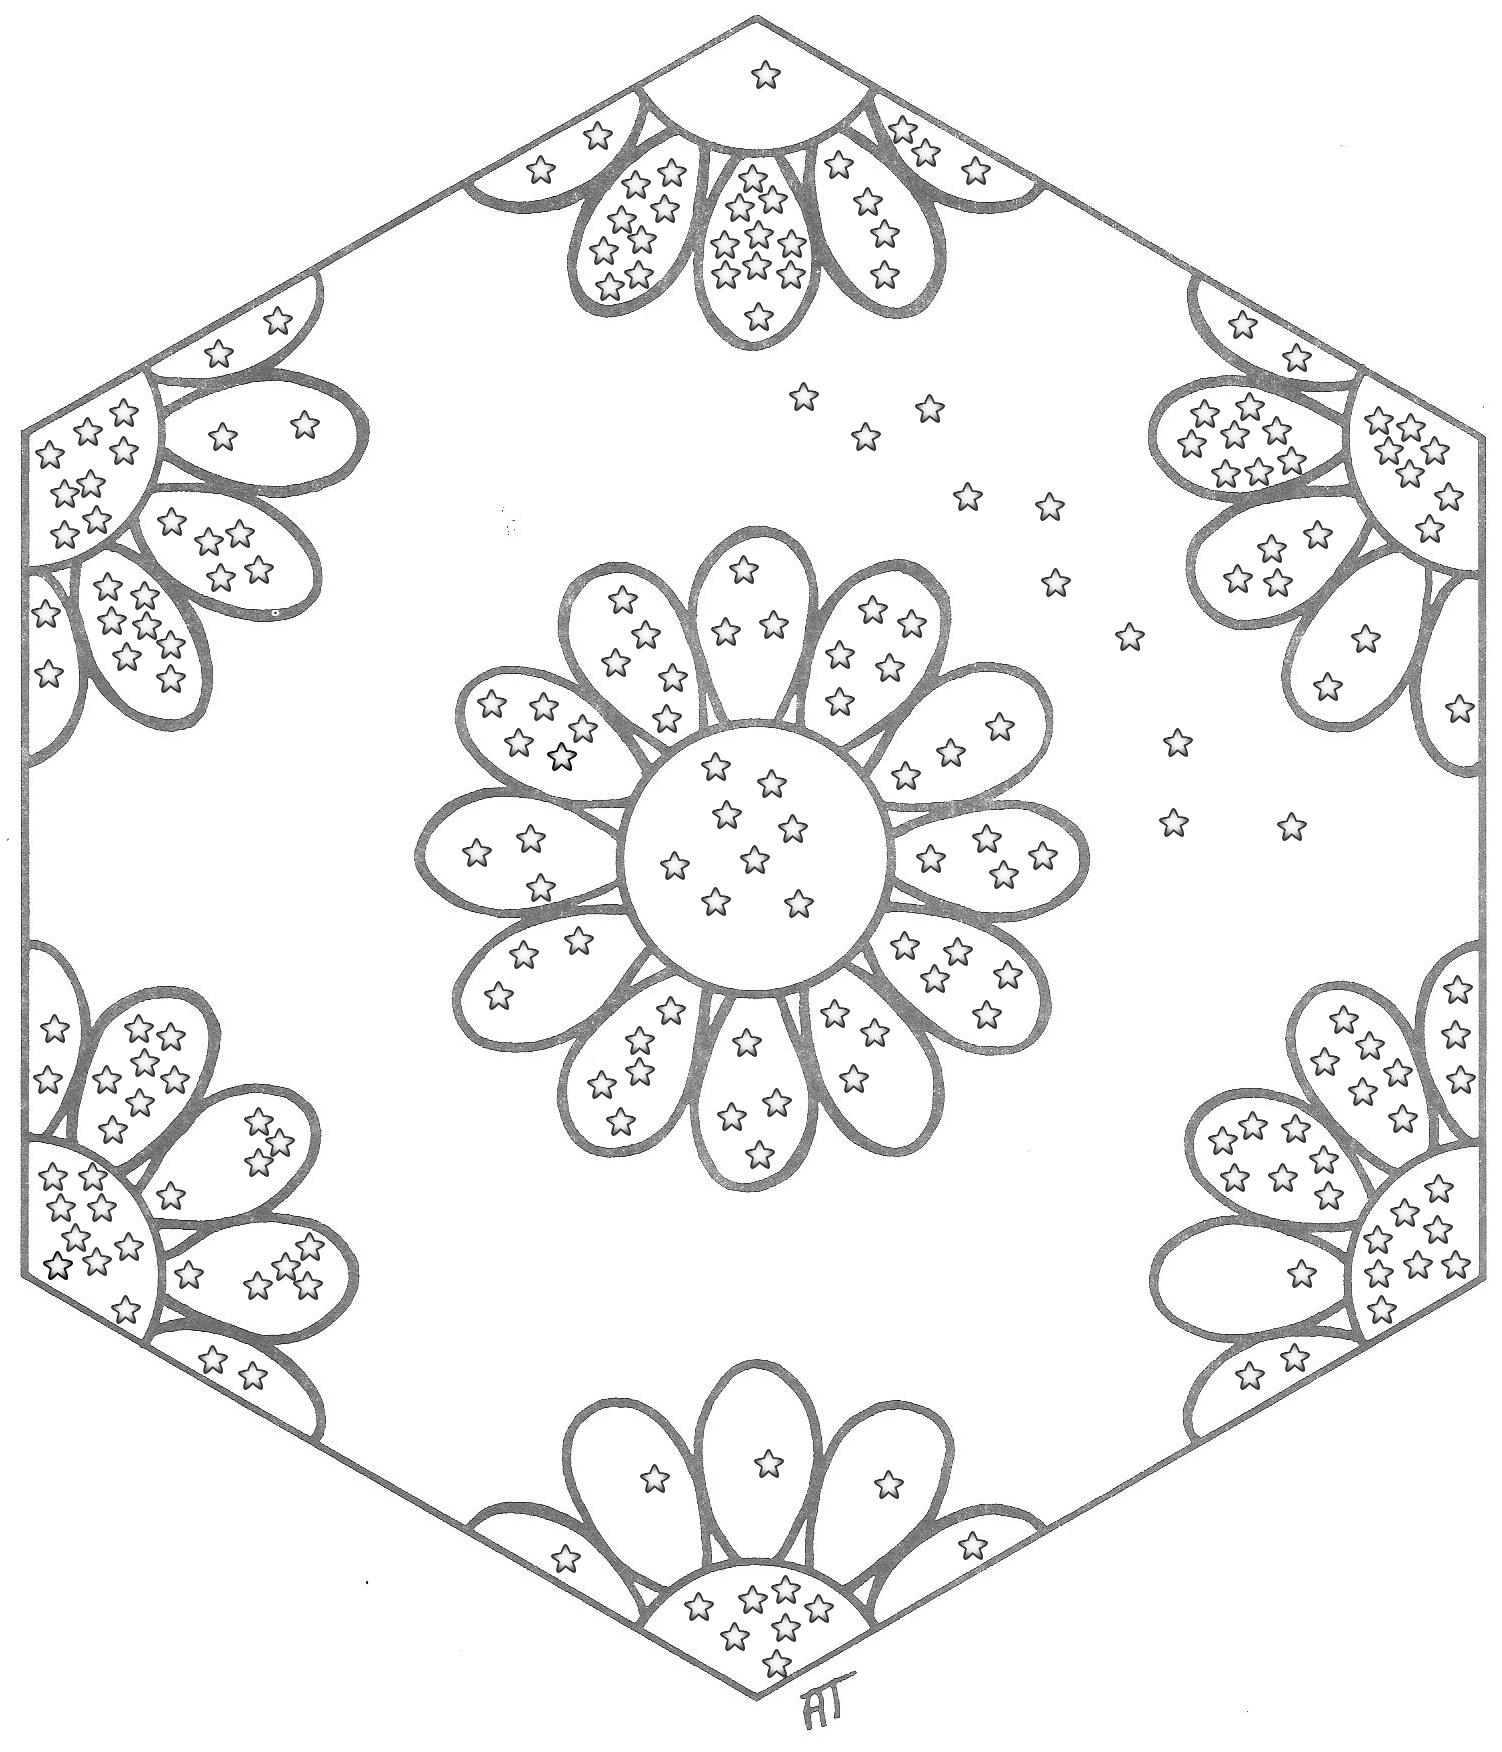 Coloriage Magique Constellation Du Dé dedans Coloriage Magique Gs À Imprimer